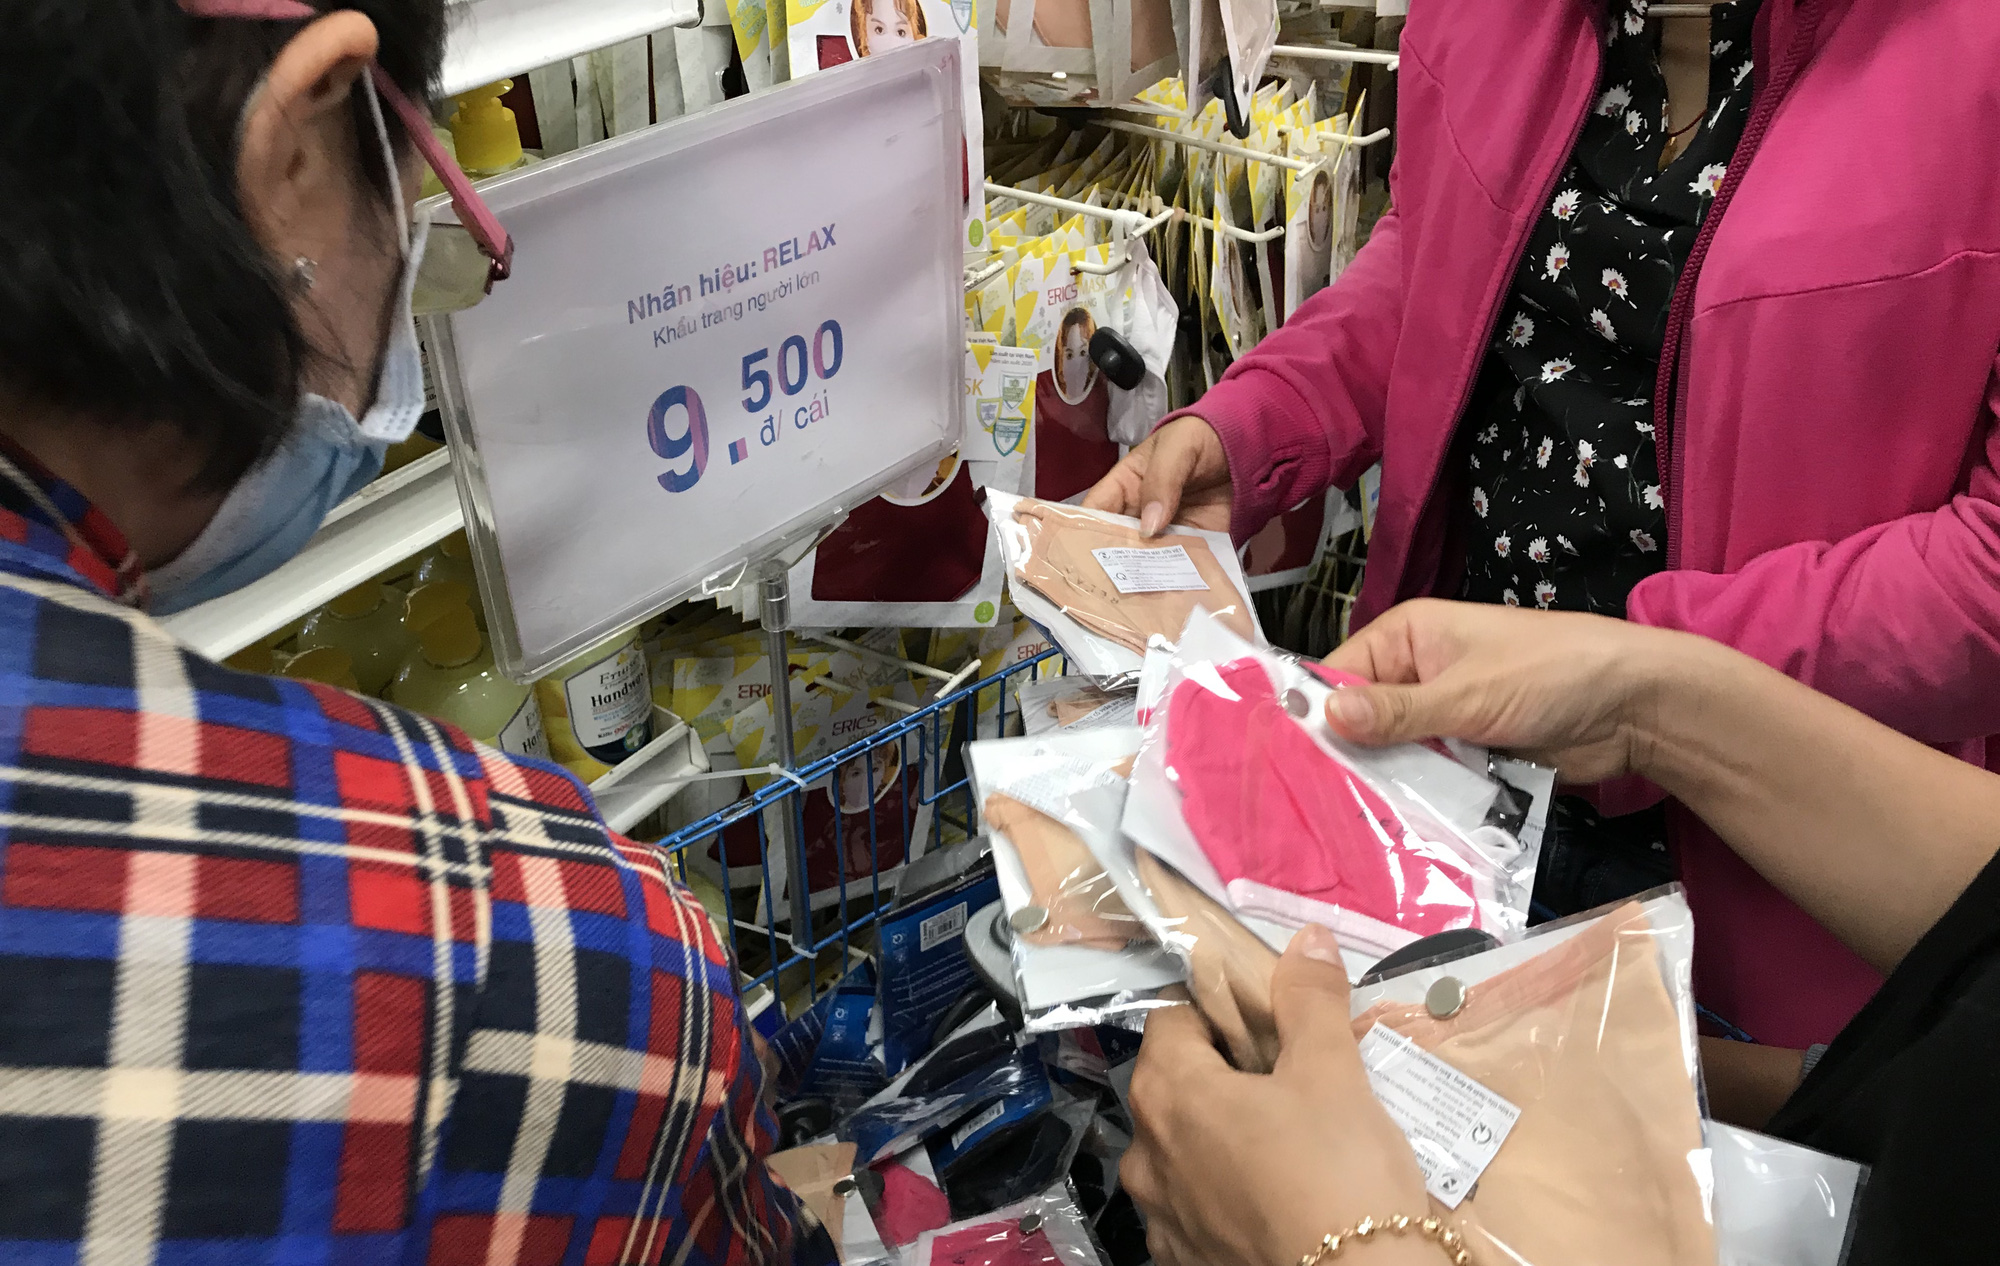 TP HCM công bố hơn 1.000 điểm bán khẩu trang kháng khuẩn - Ảnh 1.